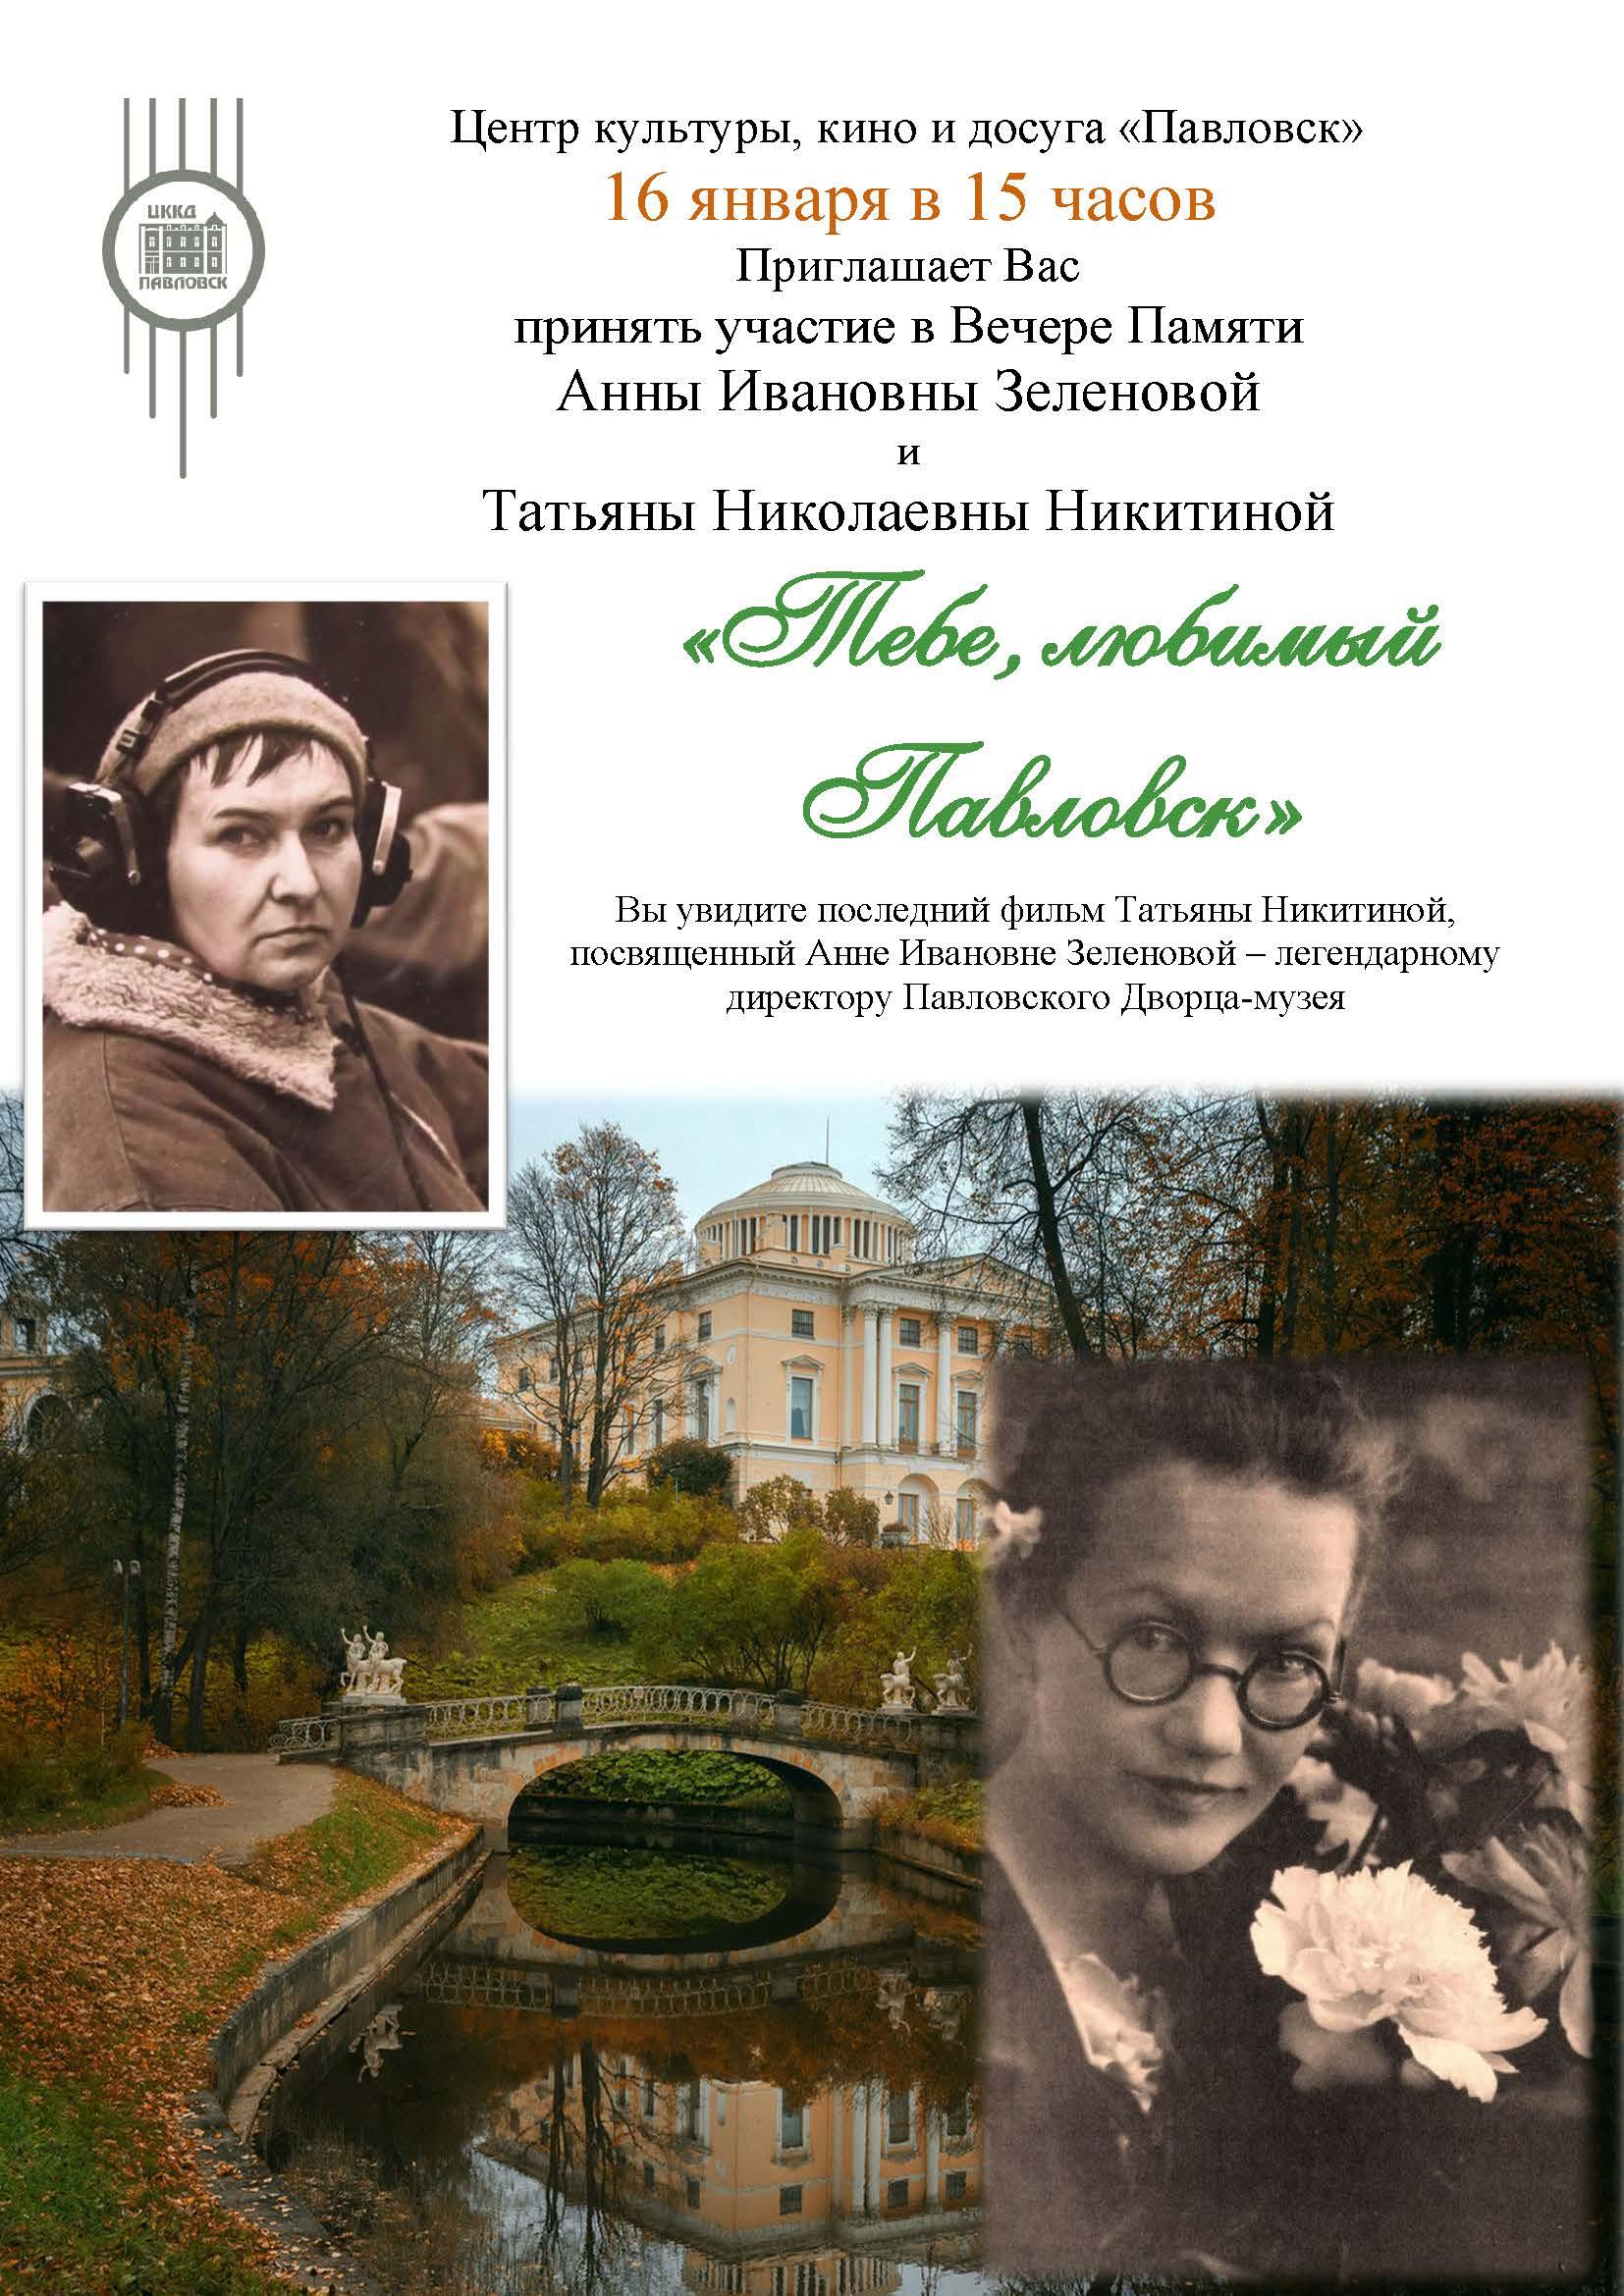 Вечер памяти А.И. Зеленовой и Т.Н. Никитиной